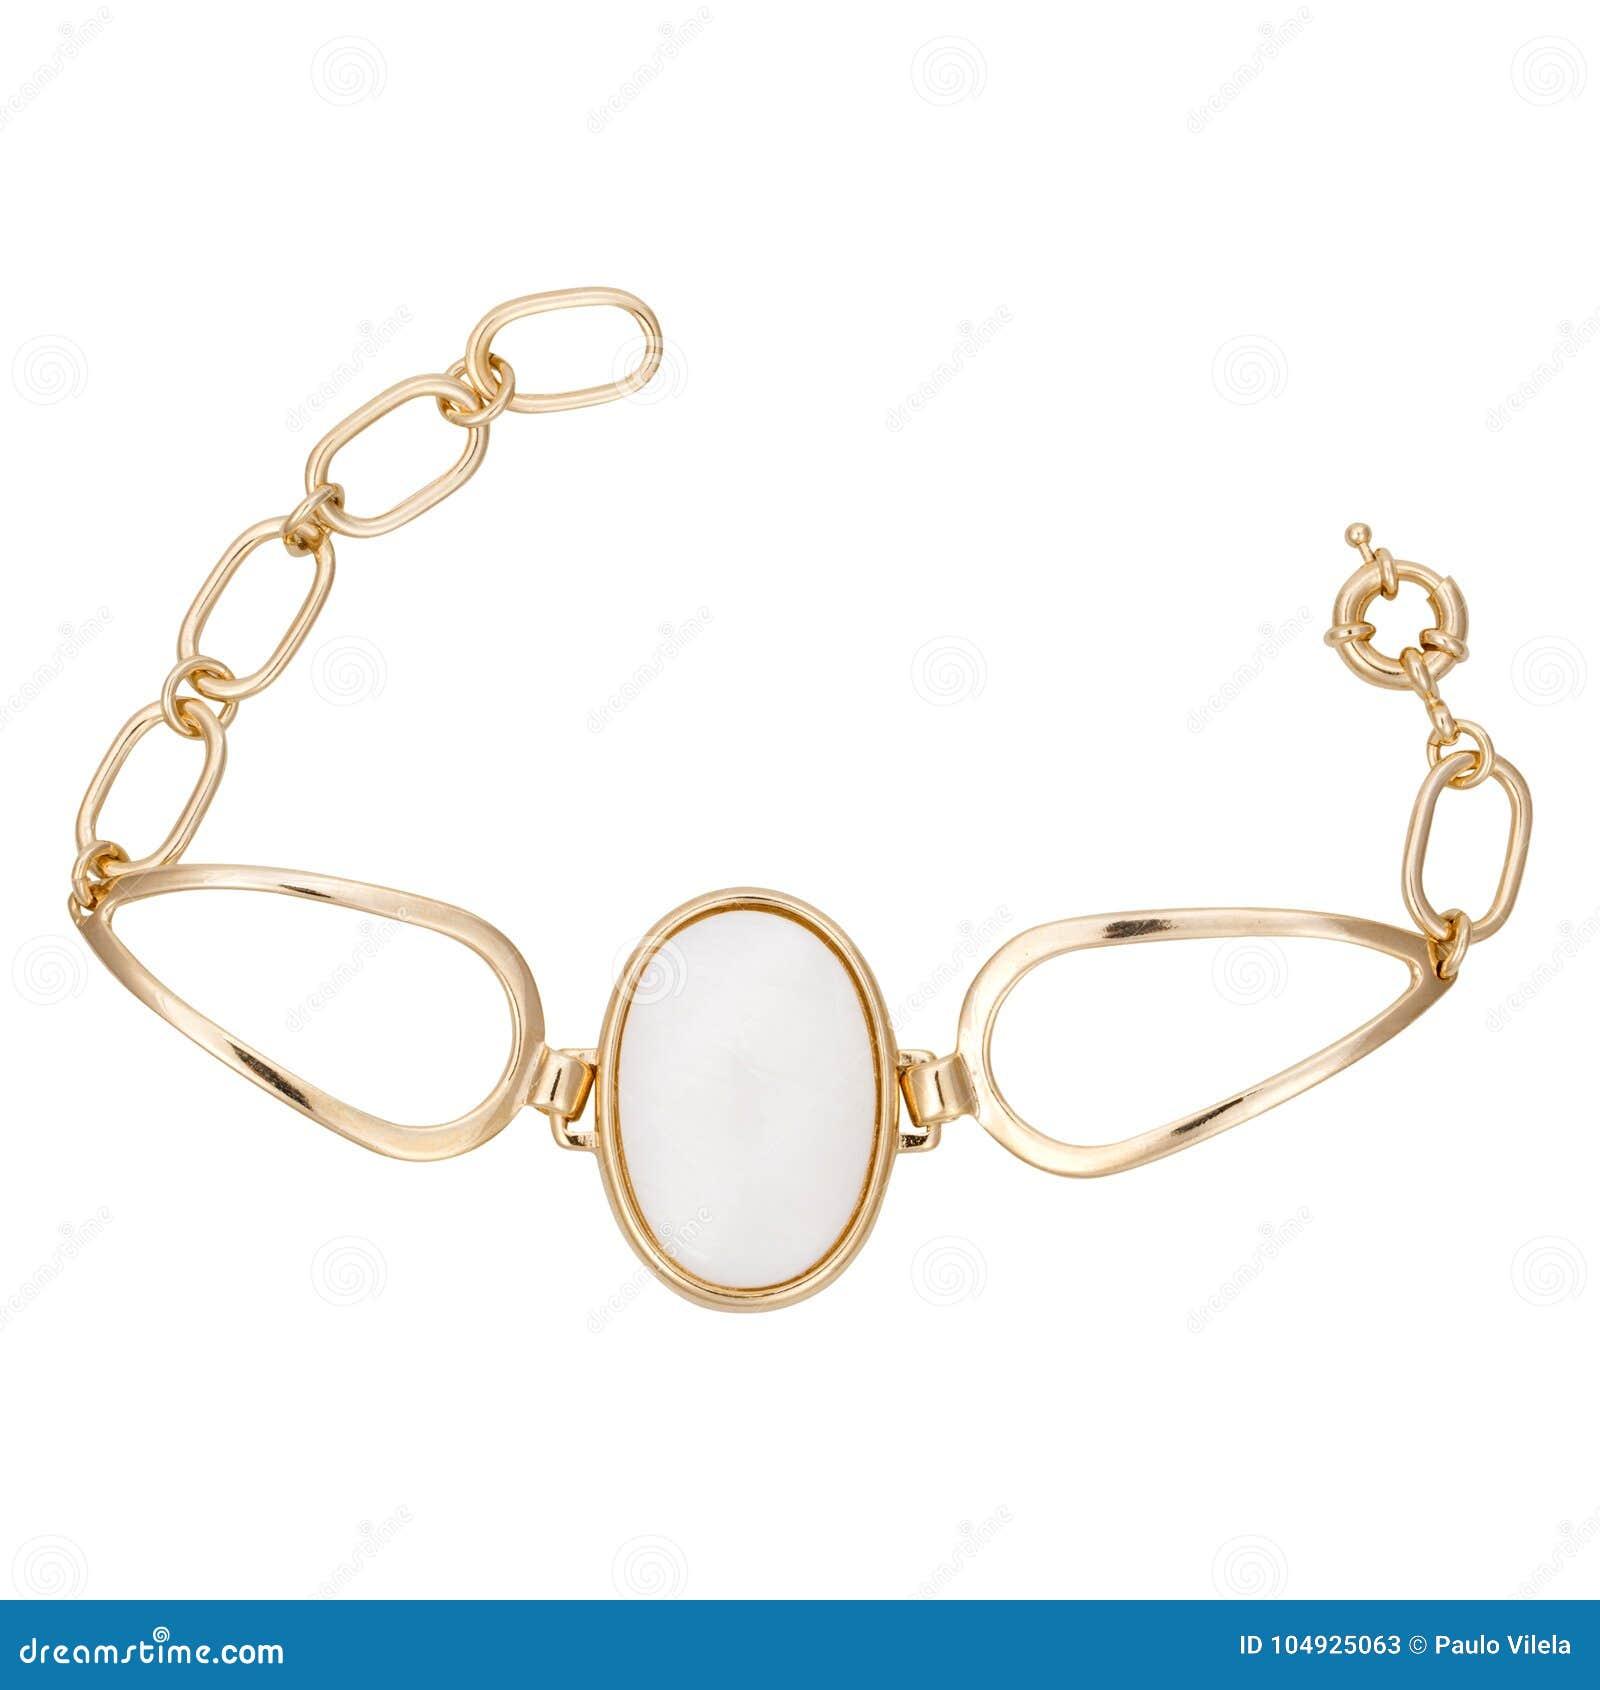 Χρυσά βραχιόλια με τον πολύτιμο λίθο που απομονώνεται στο άσπρο υπόβαθρο 453684b6ae2